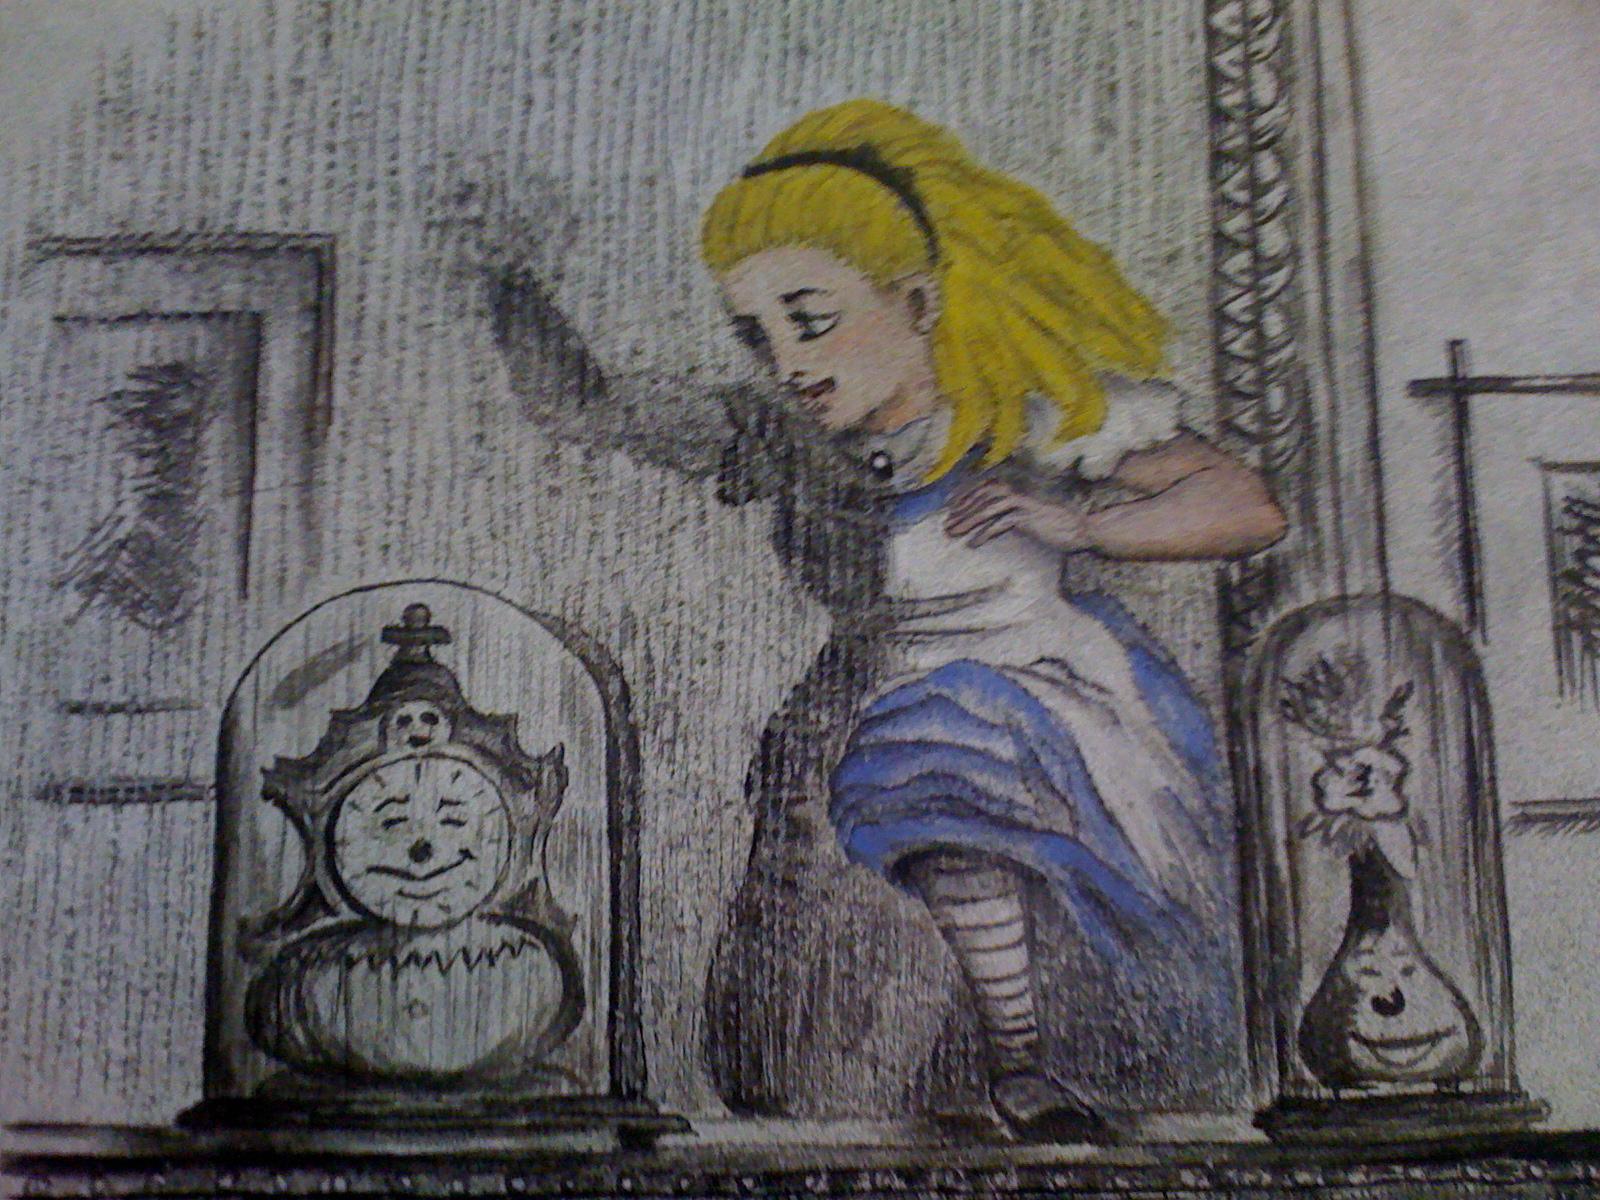 Pach progett d nfanzia alice nel paese delle meraviglie e attraverso lo specchio nell 39 arte - Lo specchio nell arte ...